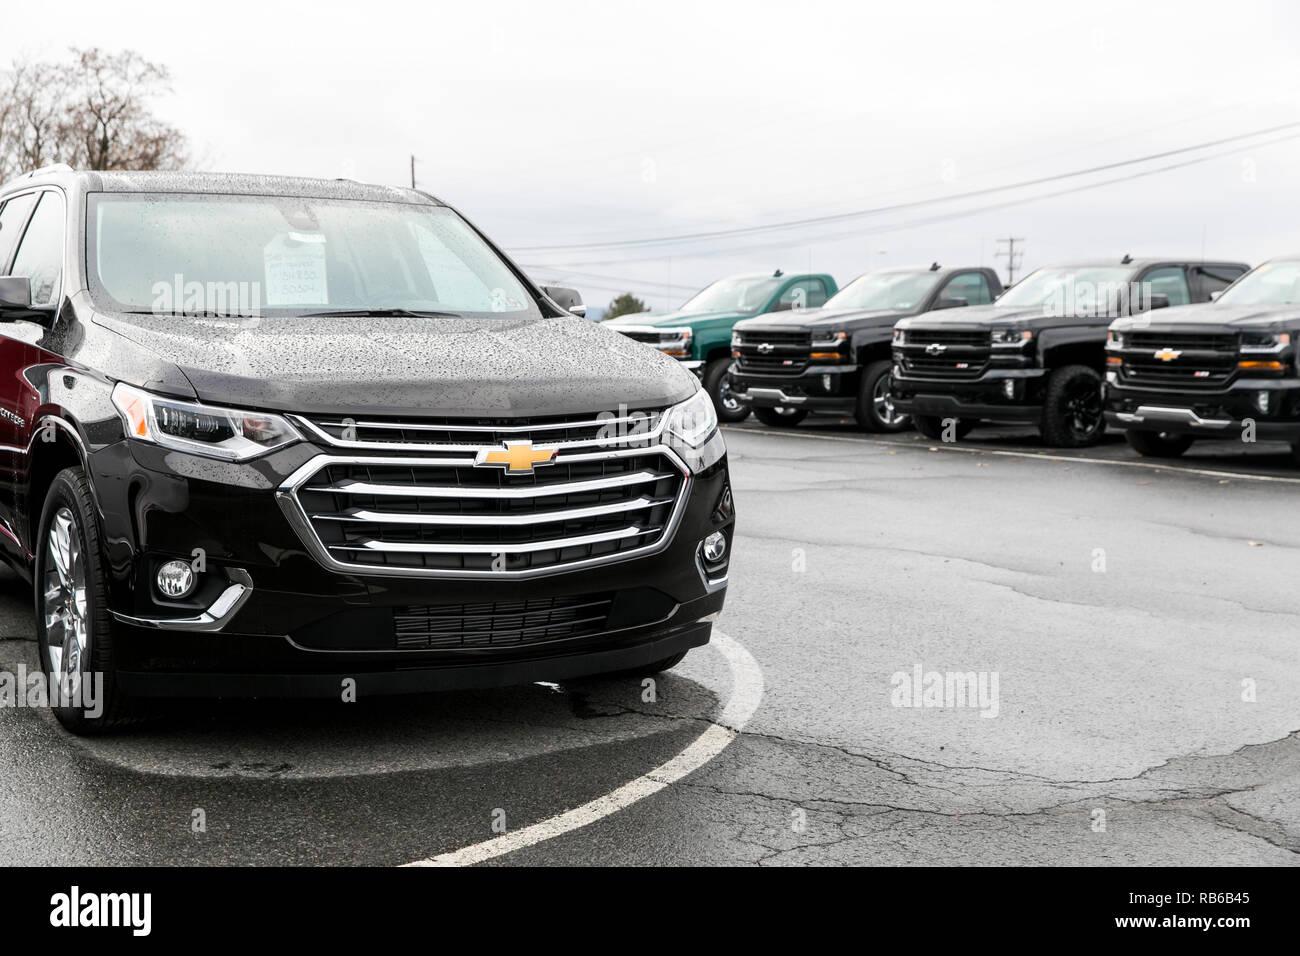 Nuevo Chevrolet (Chevy) de vehículos utilitarios deportivos (SUV) y camionetas pick-up en un concesionario mucho en Wilkes-Barre, Pennsylvania, el 30 de diciembre de 2018. Imagen De Stock